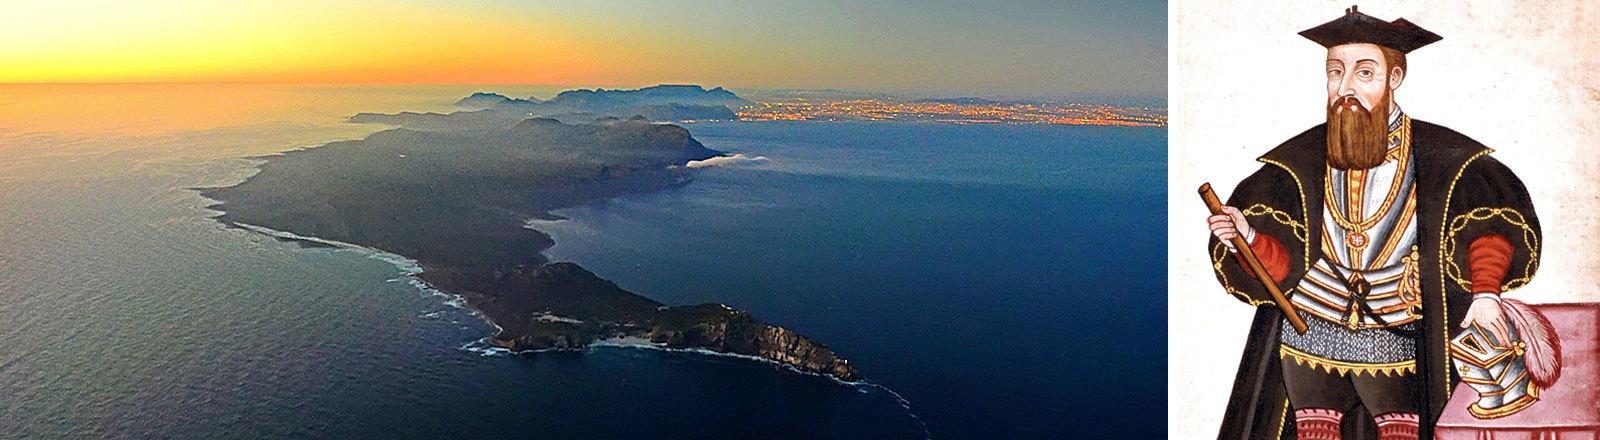 Blick auf das Kap der guten Hoffnung und Kapstadt bei Sonnenuntergang / Gemälde von Vasco da Gama